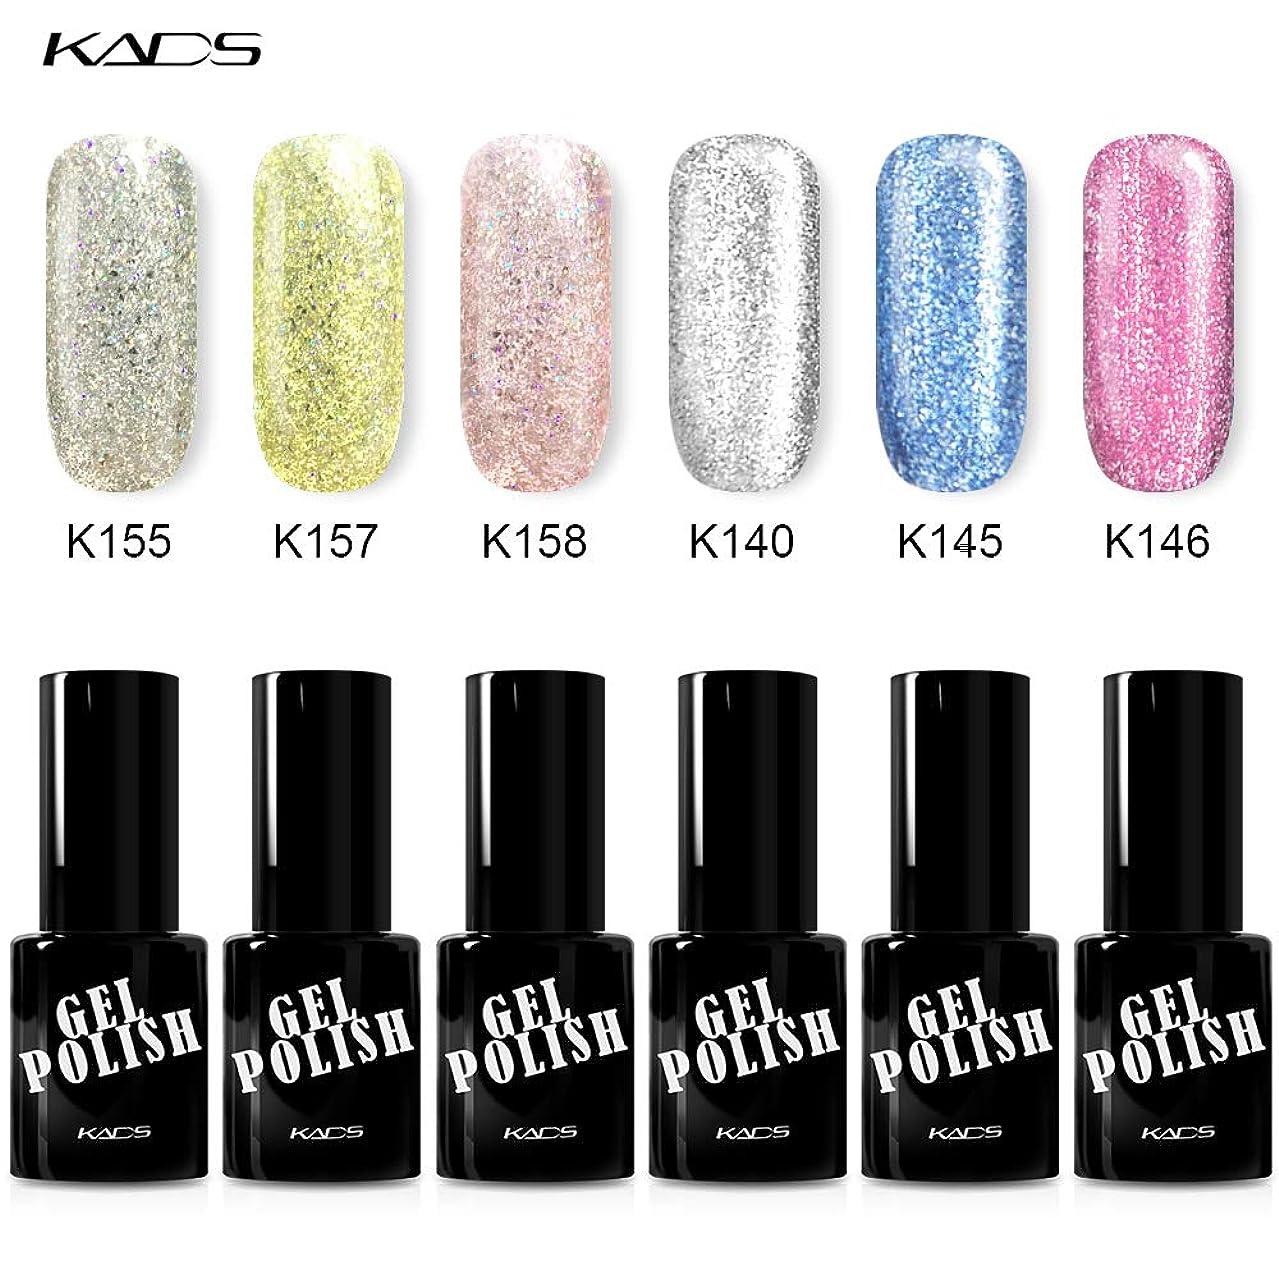 小麦粉懸念喜びKADS カラージェル ラメ入りジェル キラキラ目 シルバー/ピンク系 6色セット 9.5ML UV?LED対応 艶長持ち